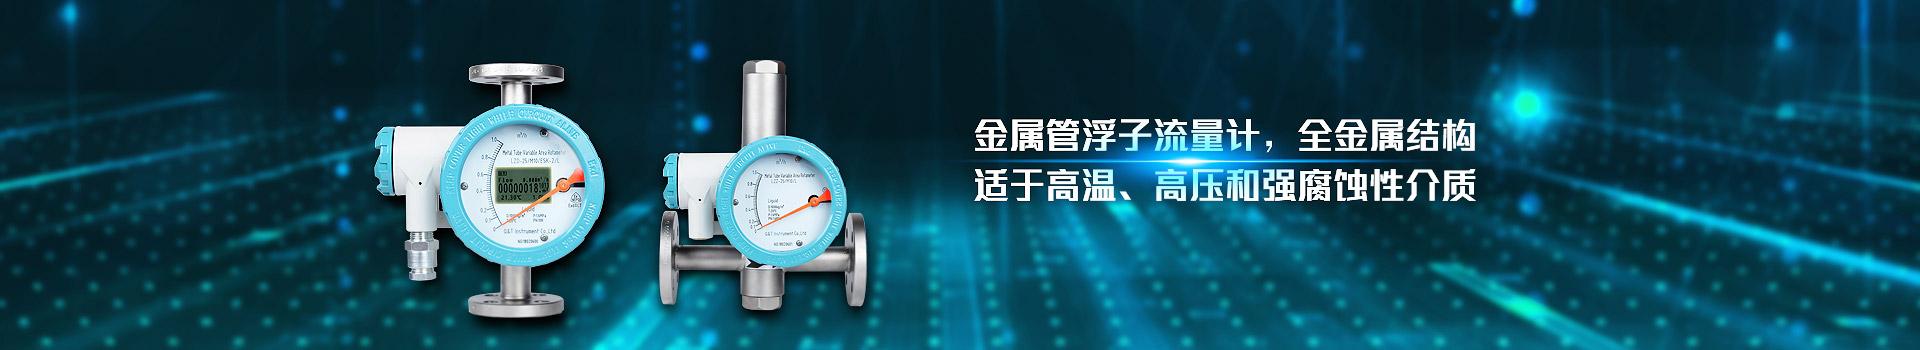 青天仪表,金属管浮子流量计,全金属结构,适于高温,高压和强腐蚀性介质